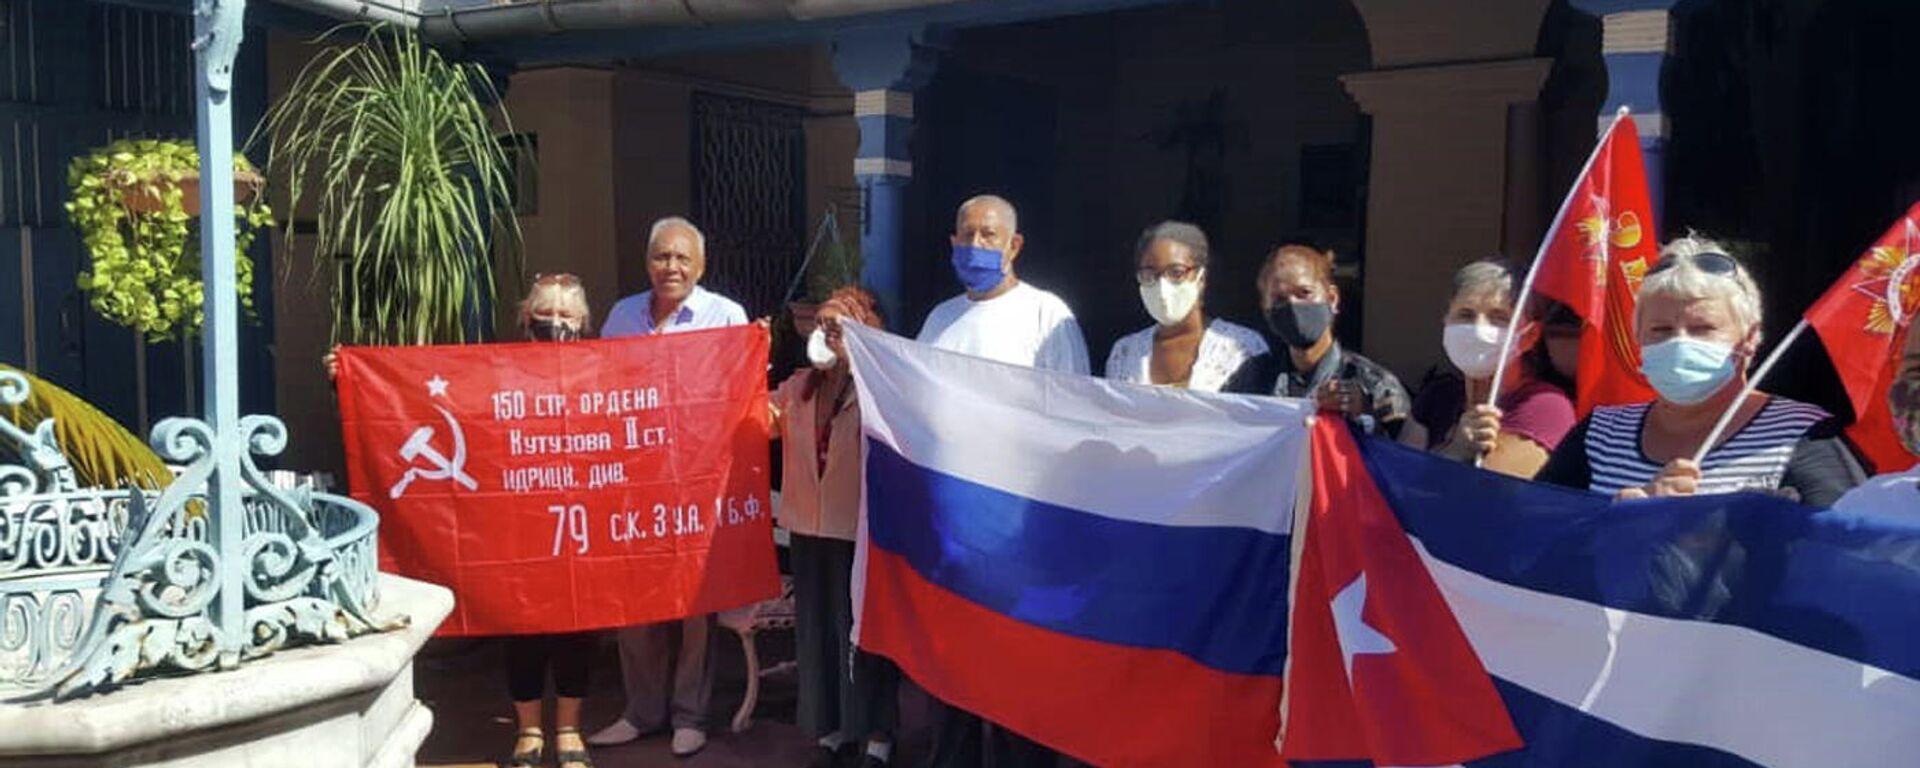 Rusos y cubanos siembran el Jardín de la Memoria en Santiago de Cuba, en honor a los caídos en la Gran Guerra Patria - Sputnik Mundo, 1920, 07.05.2021